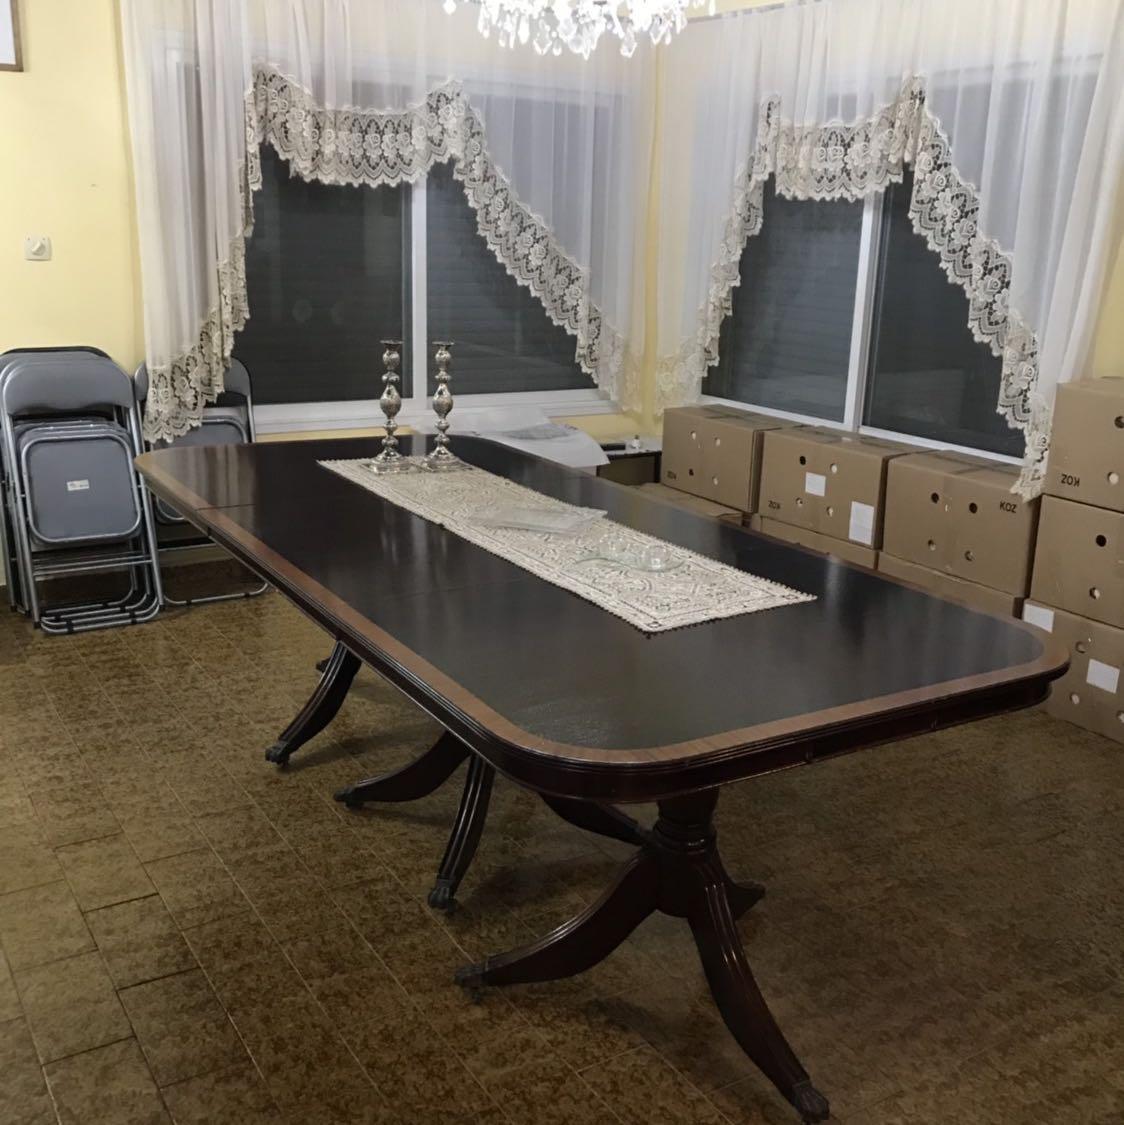 שולחן-אוכל-בסגנון-אנגלי-מעץ-משובח- - יד 2